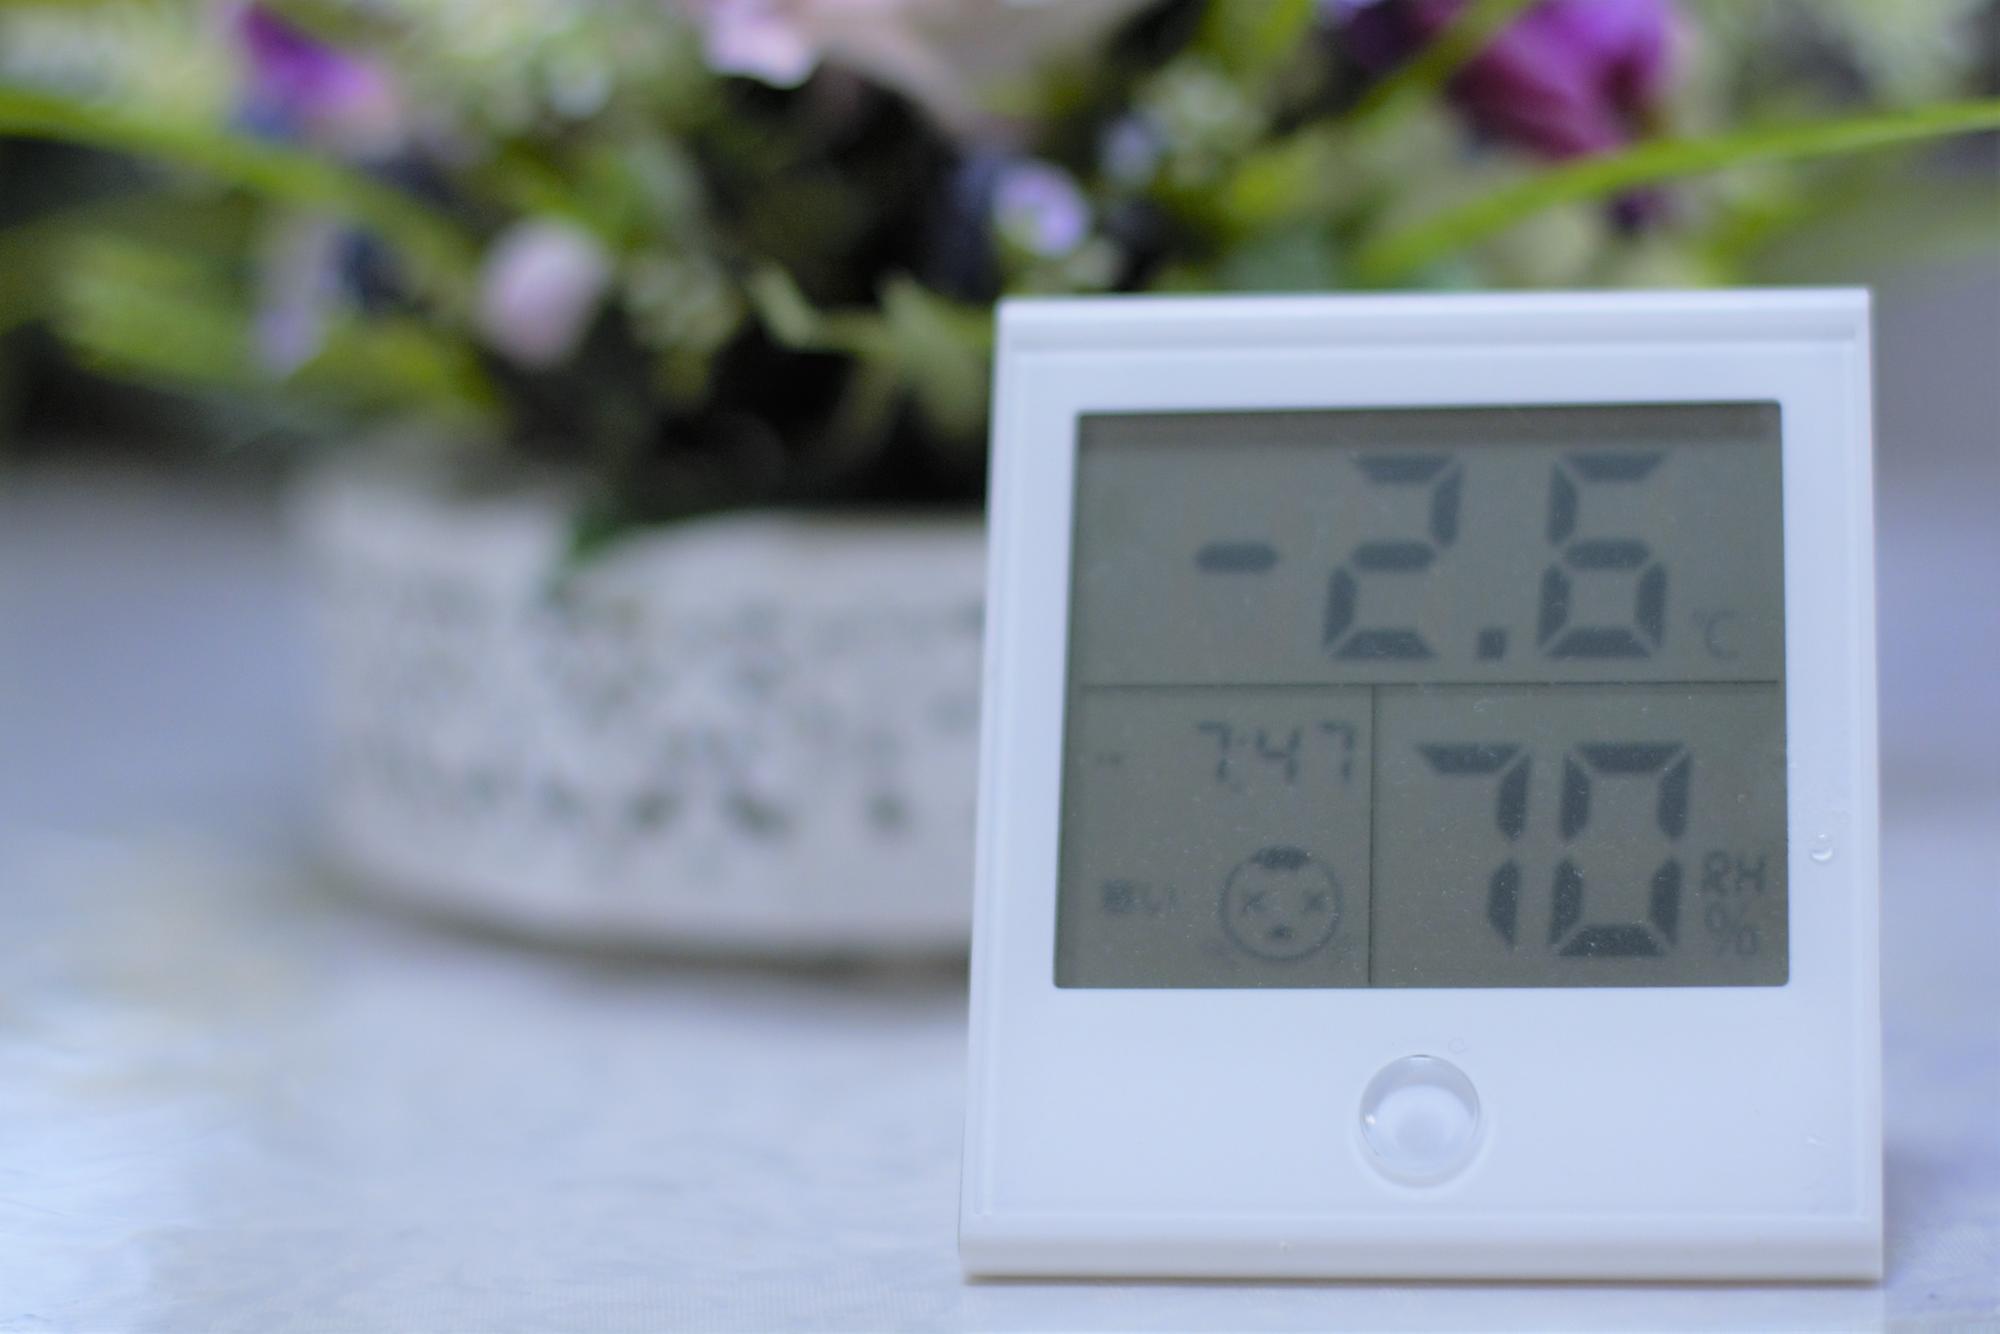 【医師監修】ノロウイルスが死滅する温度は何度? 知っておきたい温度との関係